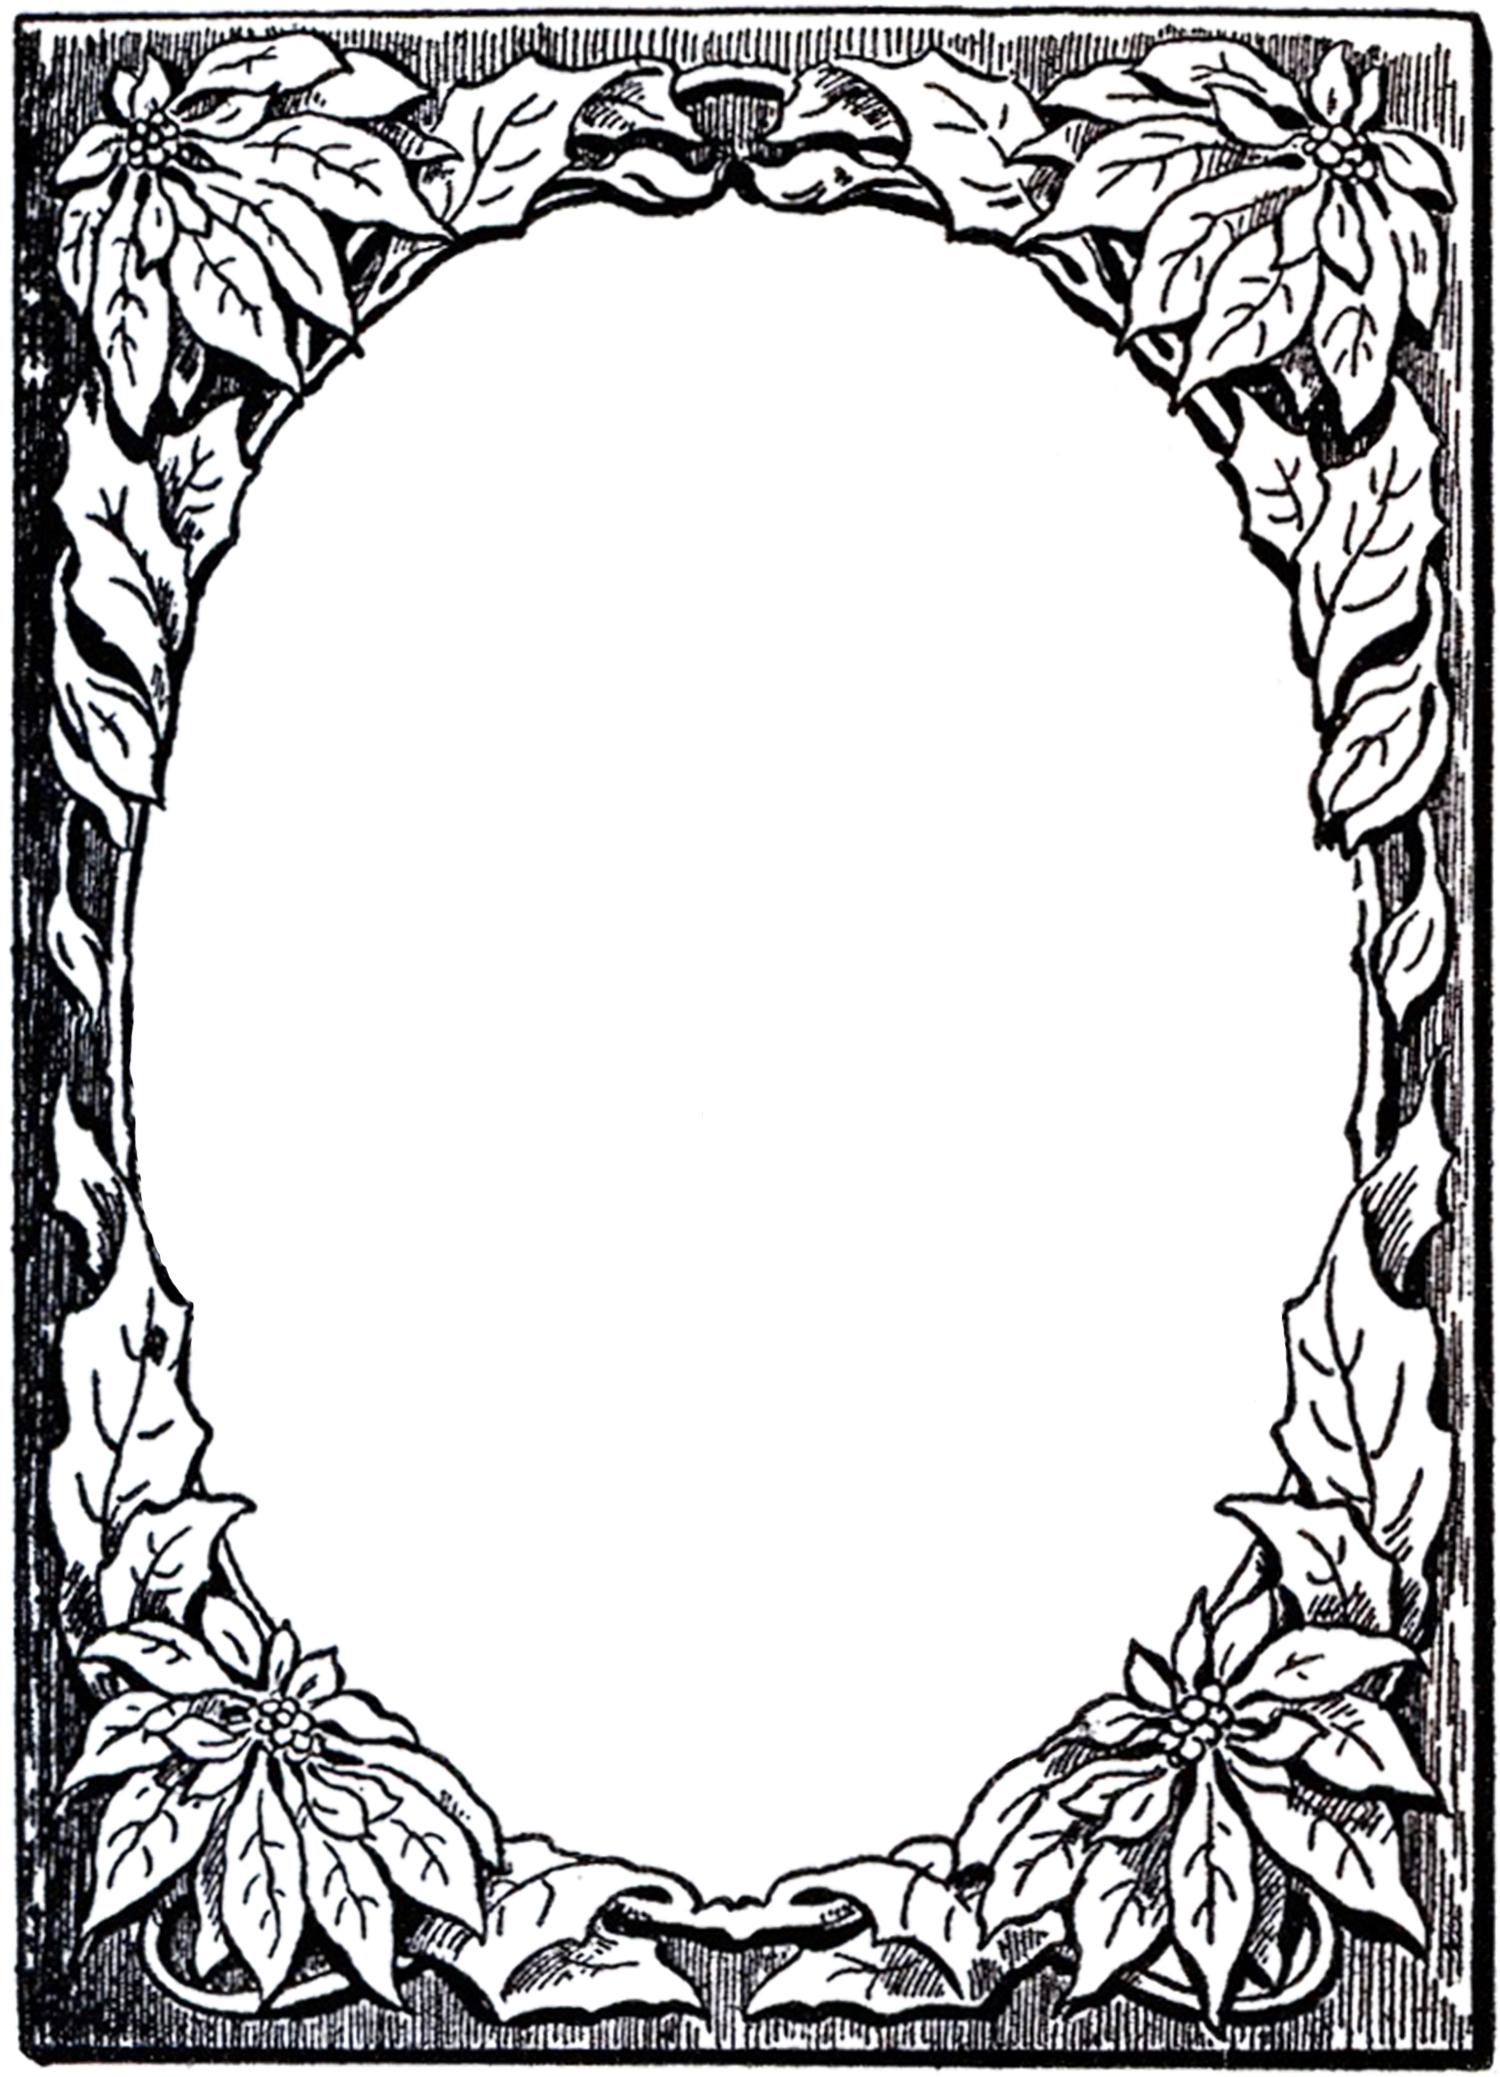 Овальная черно-белая рамка из листьев